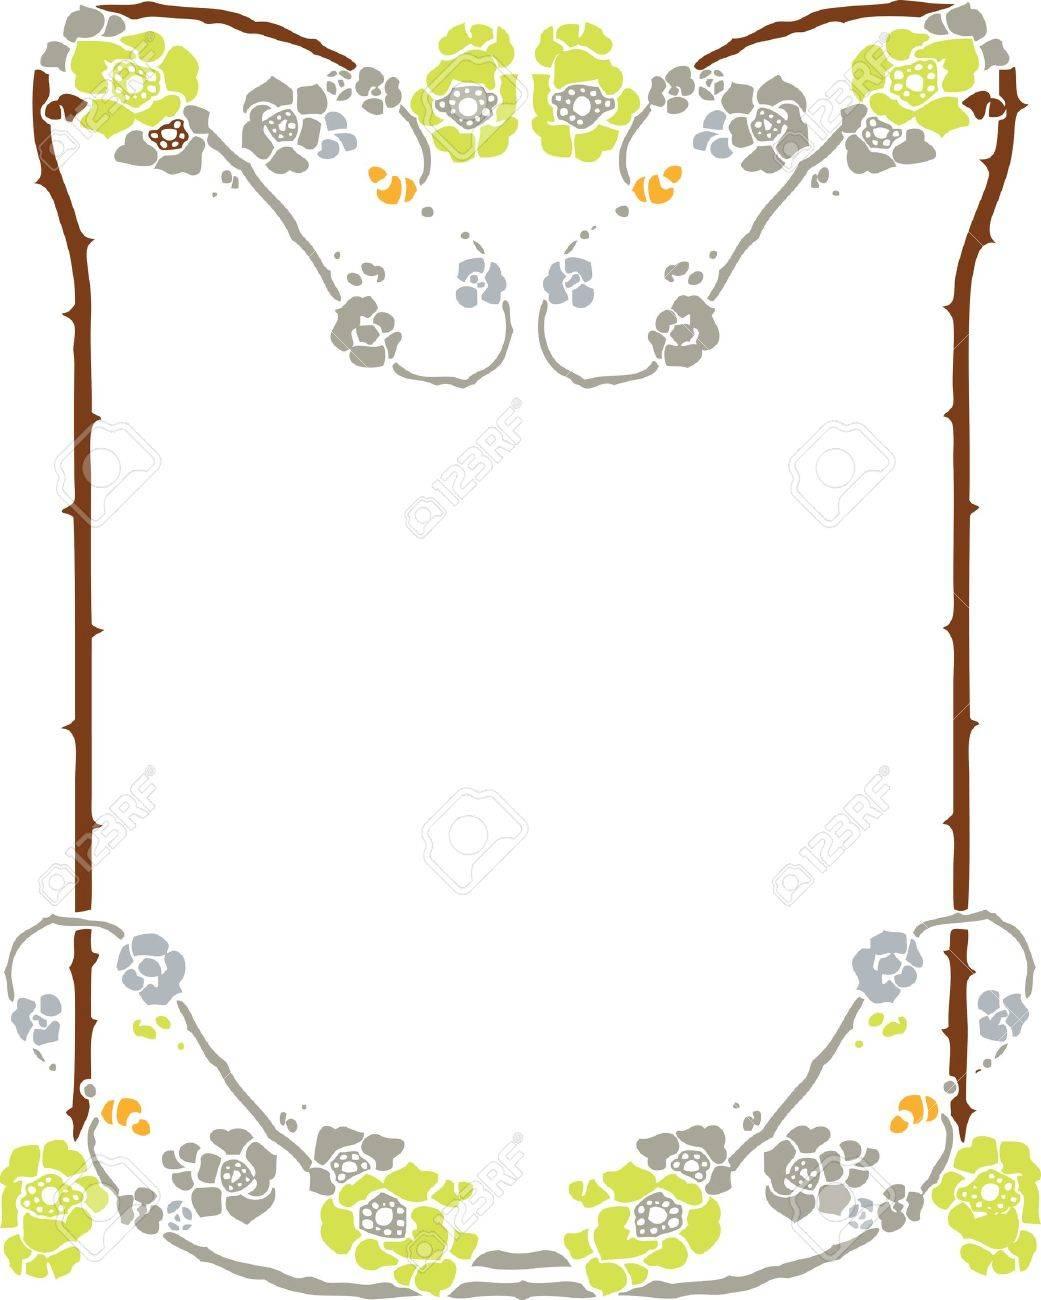 Beautiful decorative floral frame, art nouveau design element Stock Vector - 15859702